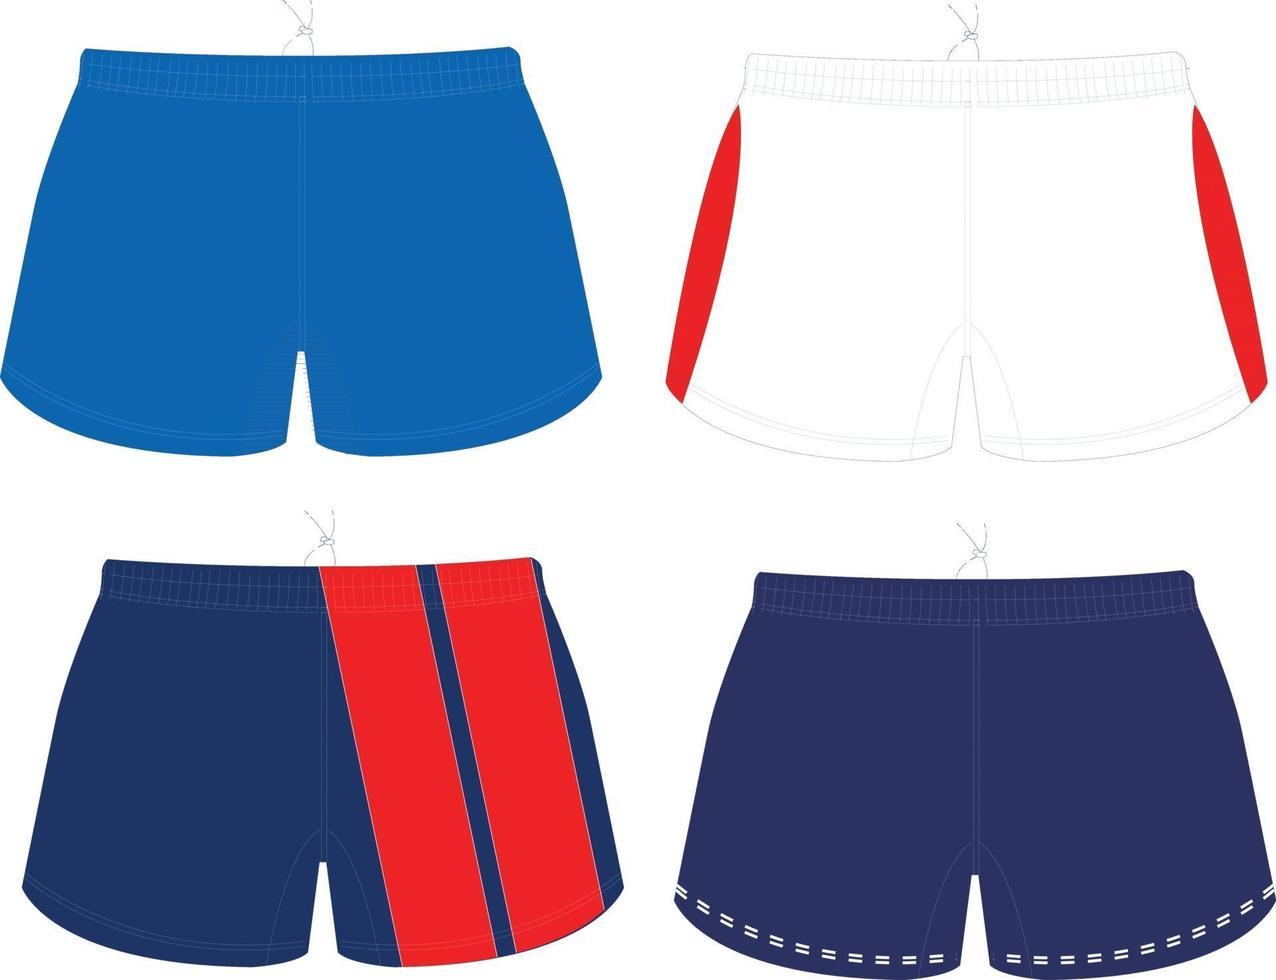 shorts mock ups ontwerpen vector